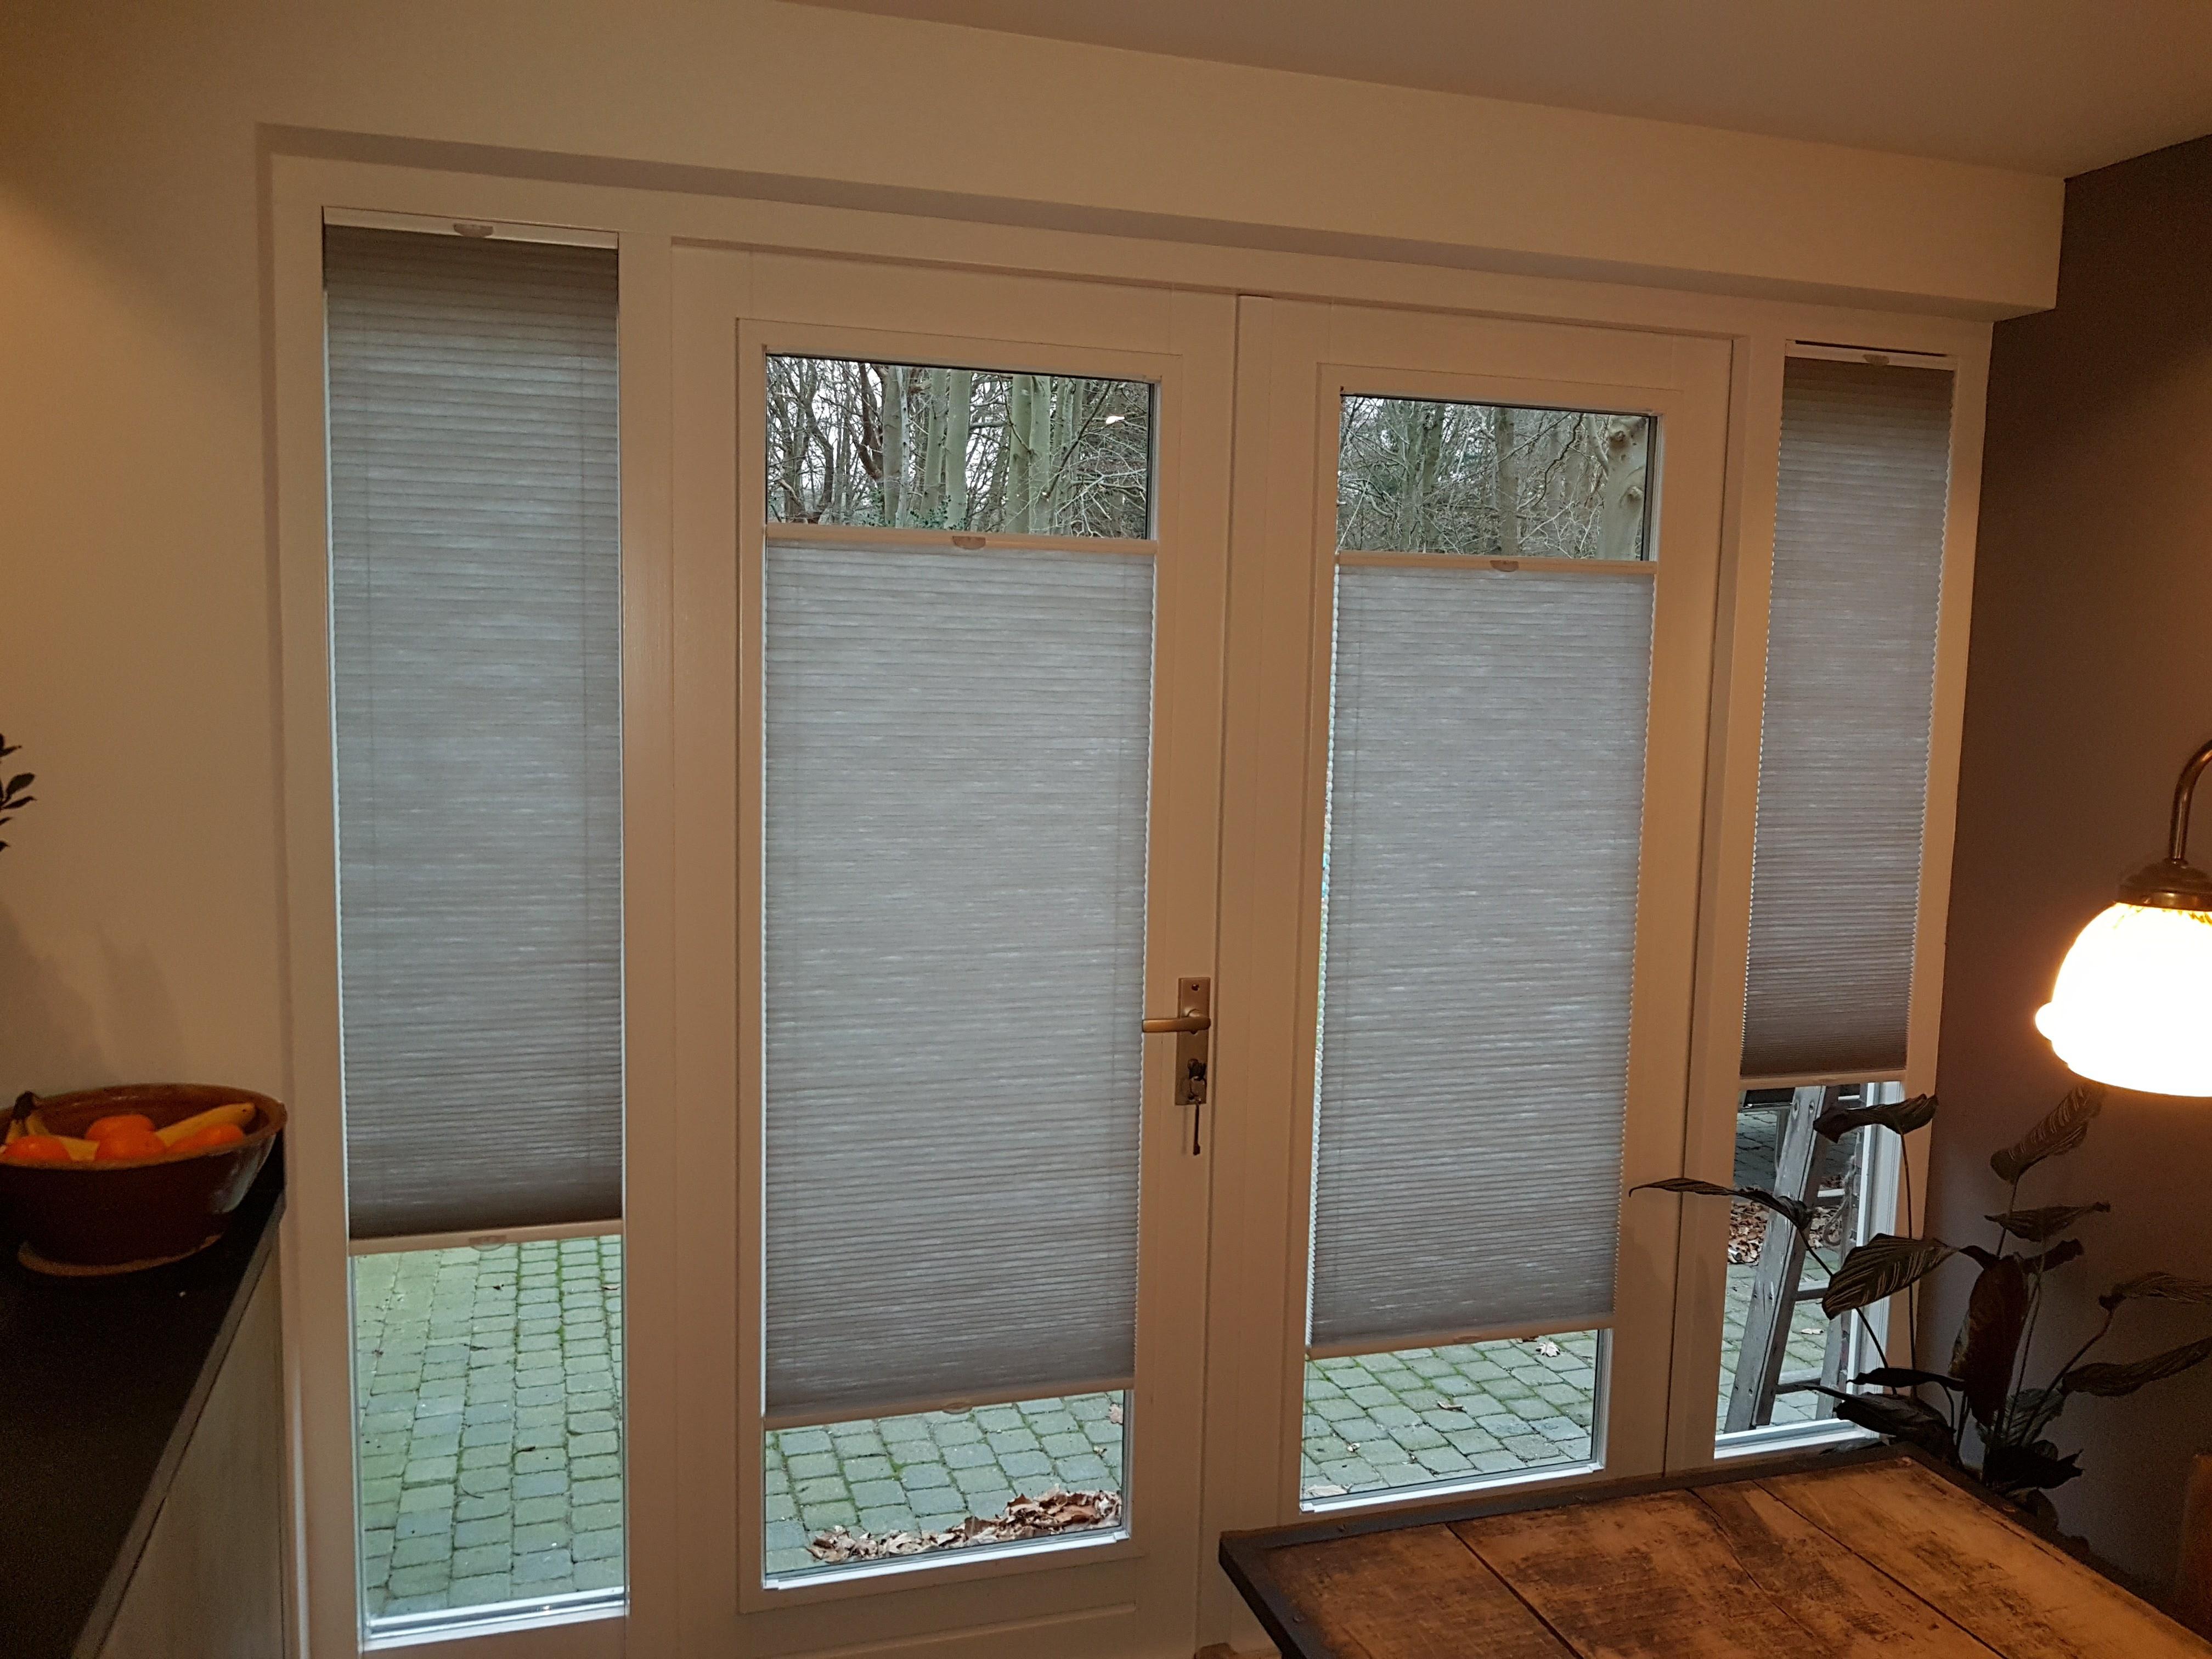 Raamdecoratie Openslaande Deuren : Vaak raamdecoratie openslaande tuindeuren #bss06 agneswamu